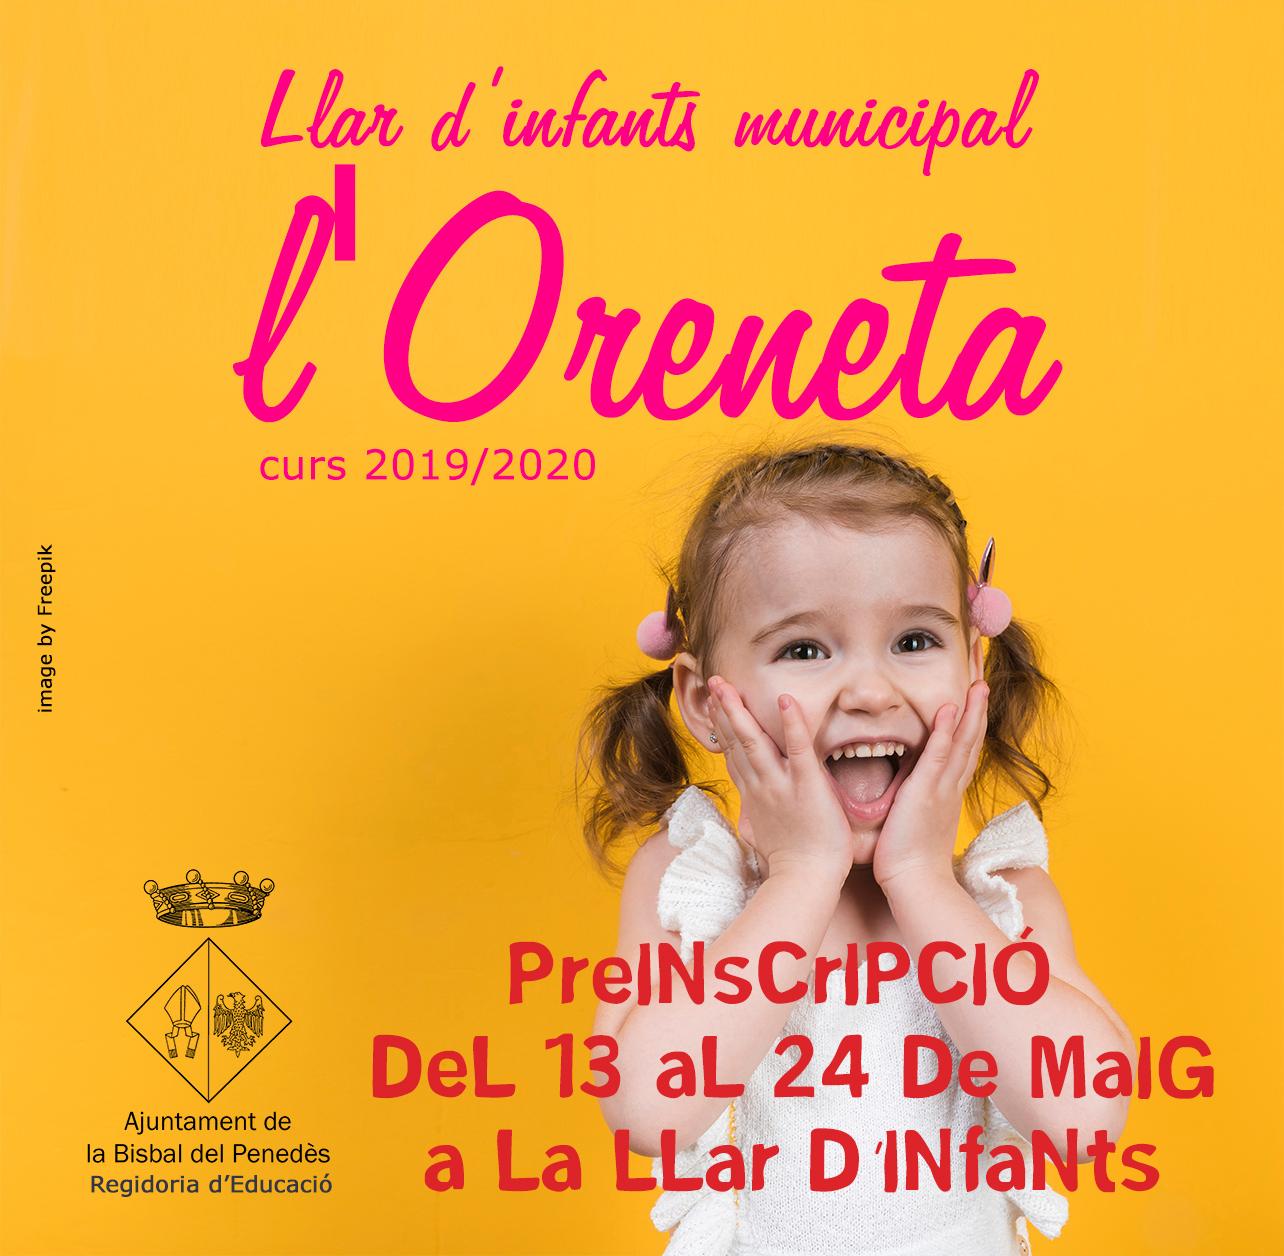 Del 13 al 24 de maig es poden realitzar les preinscripcions a la Llar d'infants l'Oreneta